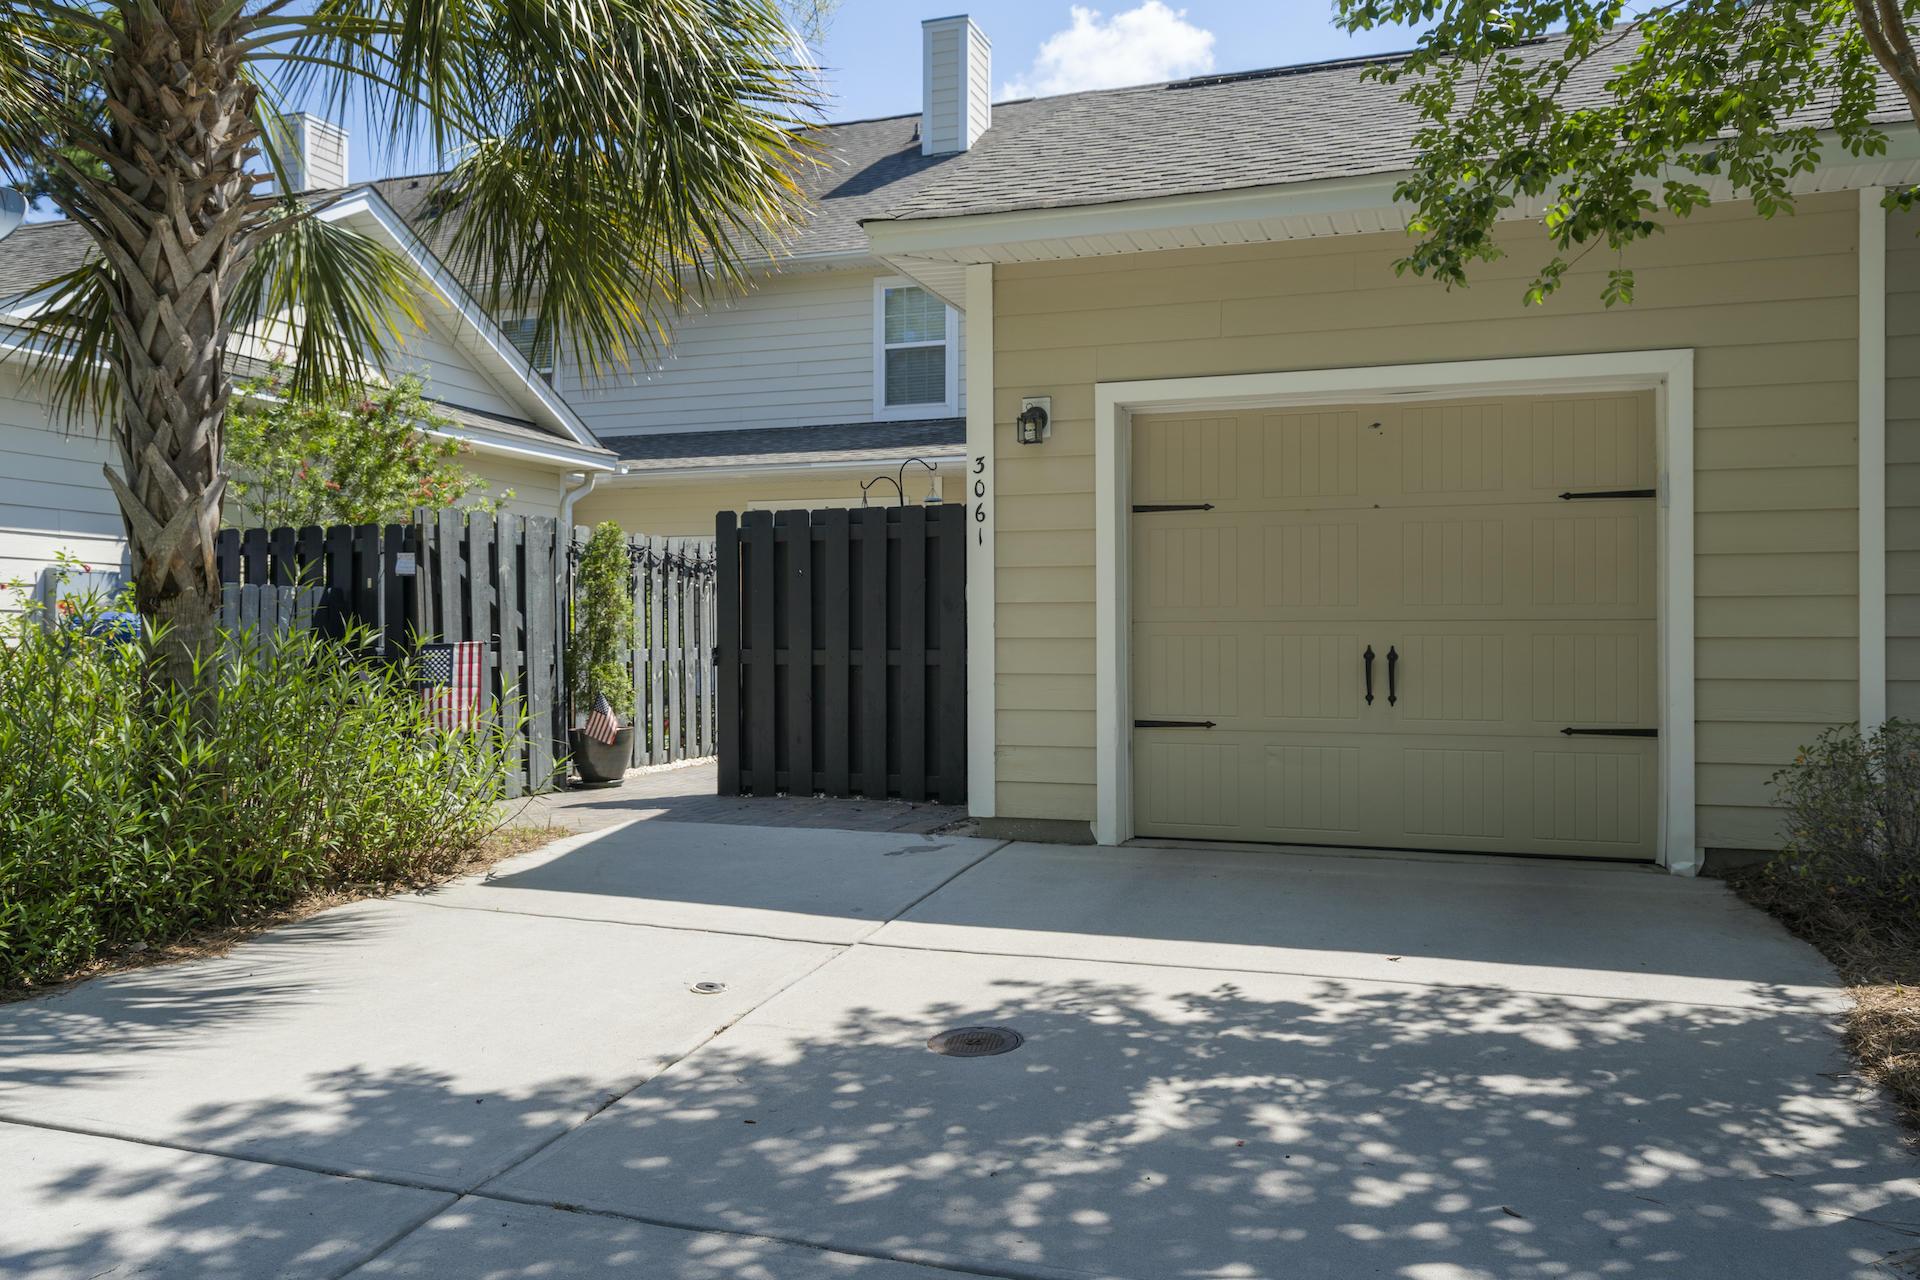 Park West Homes For Sale - 3061 Park West, Mount Pleasant, SC - 19